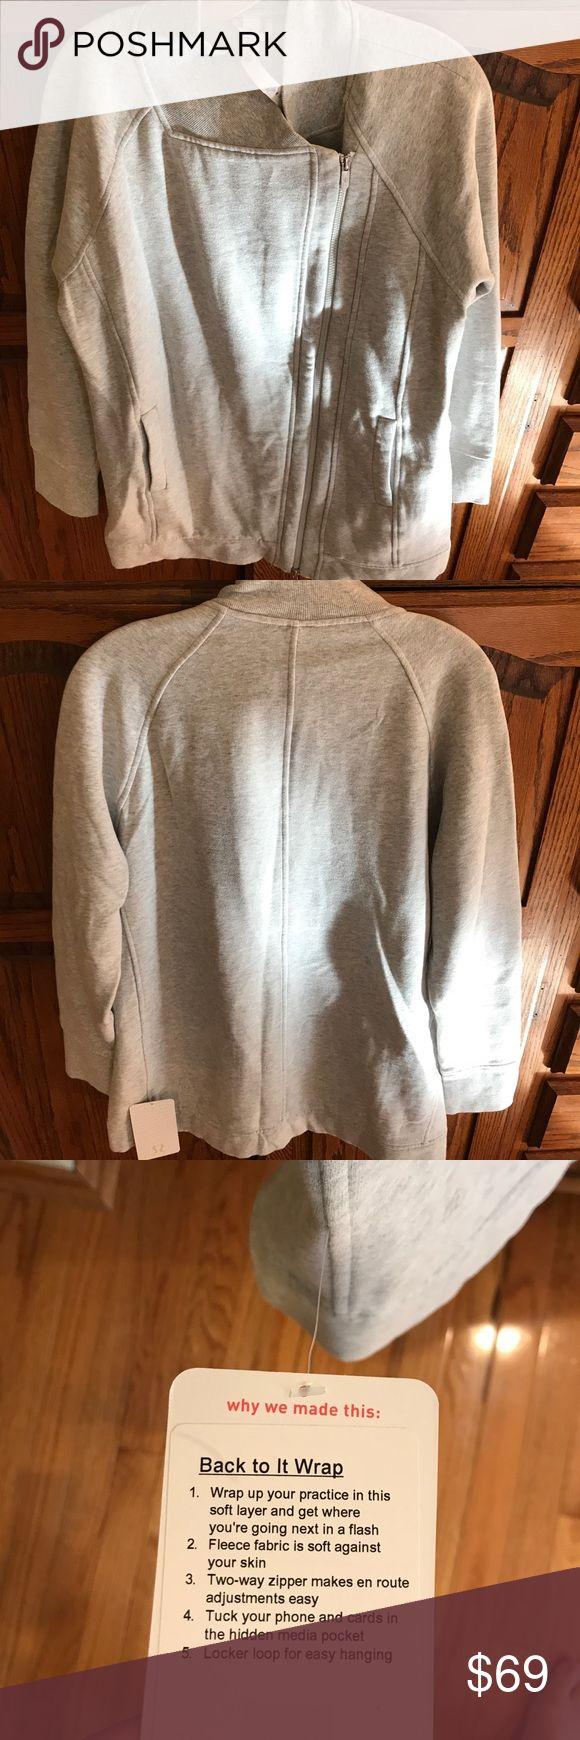 Nwt lululemon back to it wrap Nwt lululemon back to it wrap size 10 light grey color code hvpr lululemon athletica Jackets & Coats